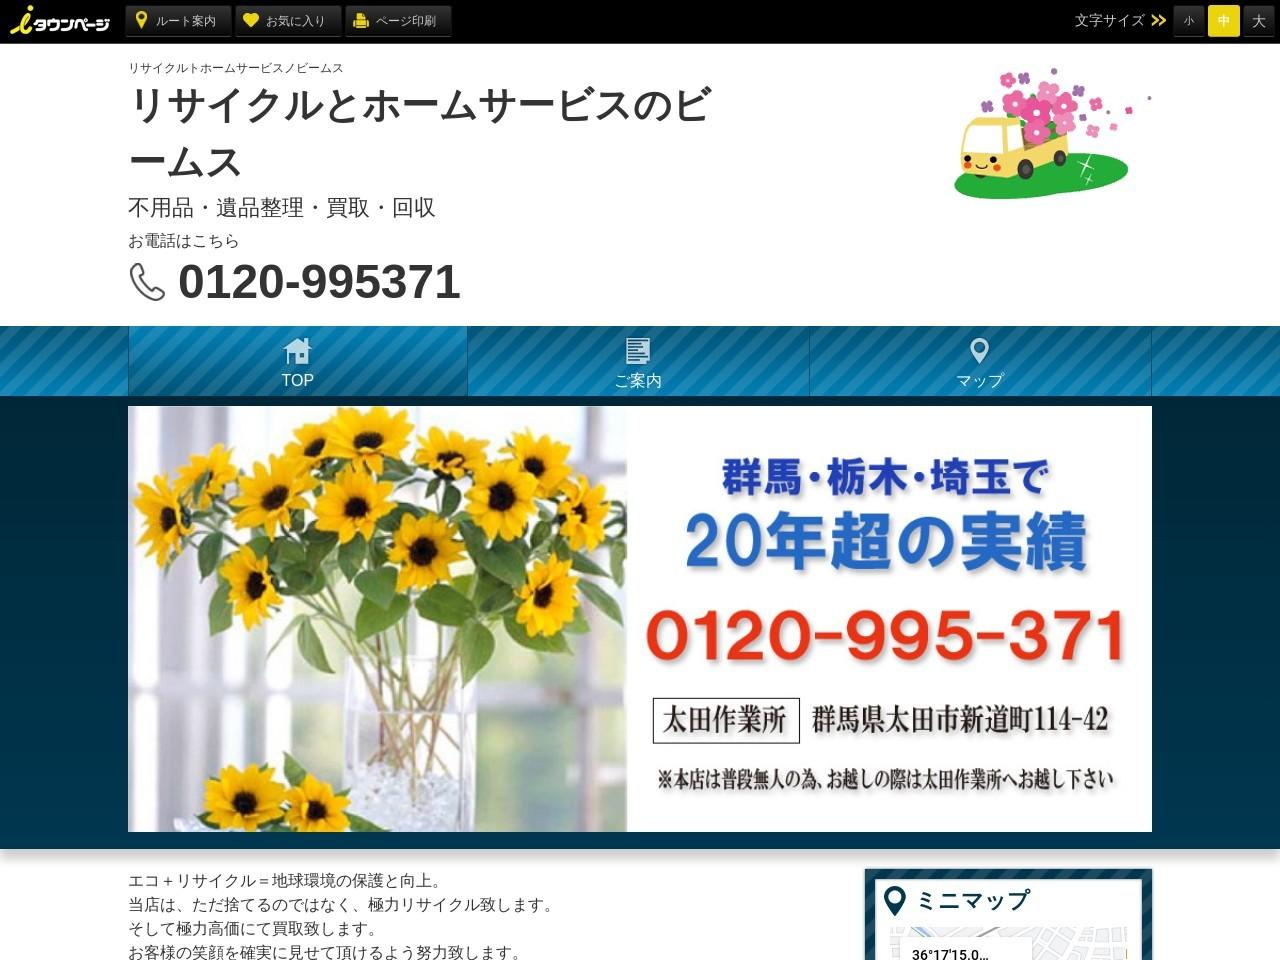 太田市 群馬 栃木 埼玉 便利業 リサイクルとホームサービスのビームス - iタウンページ